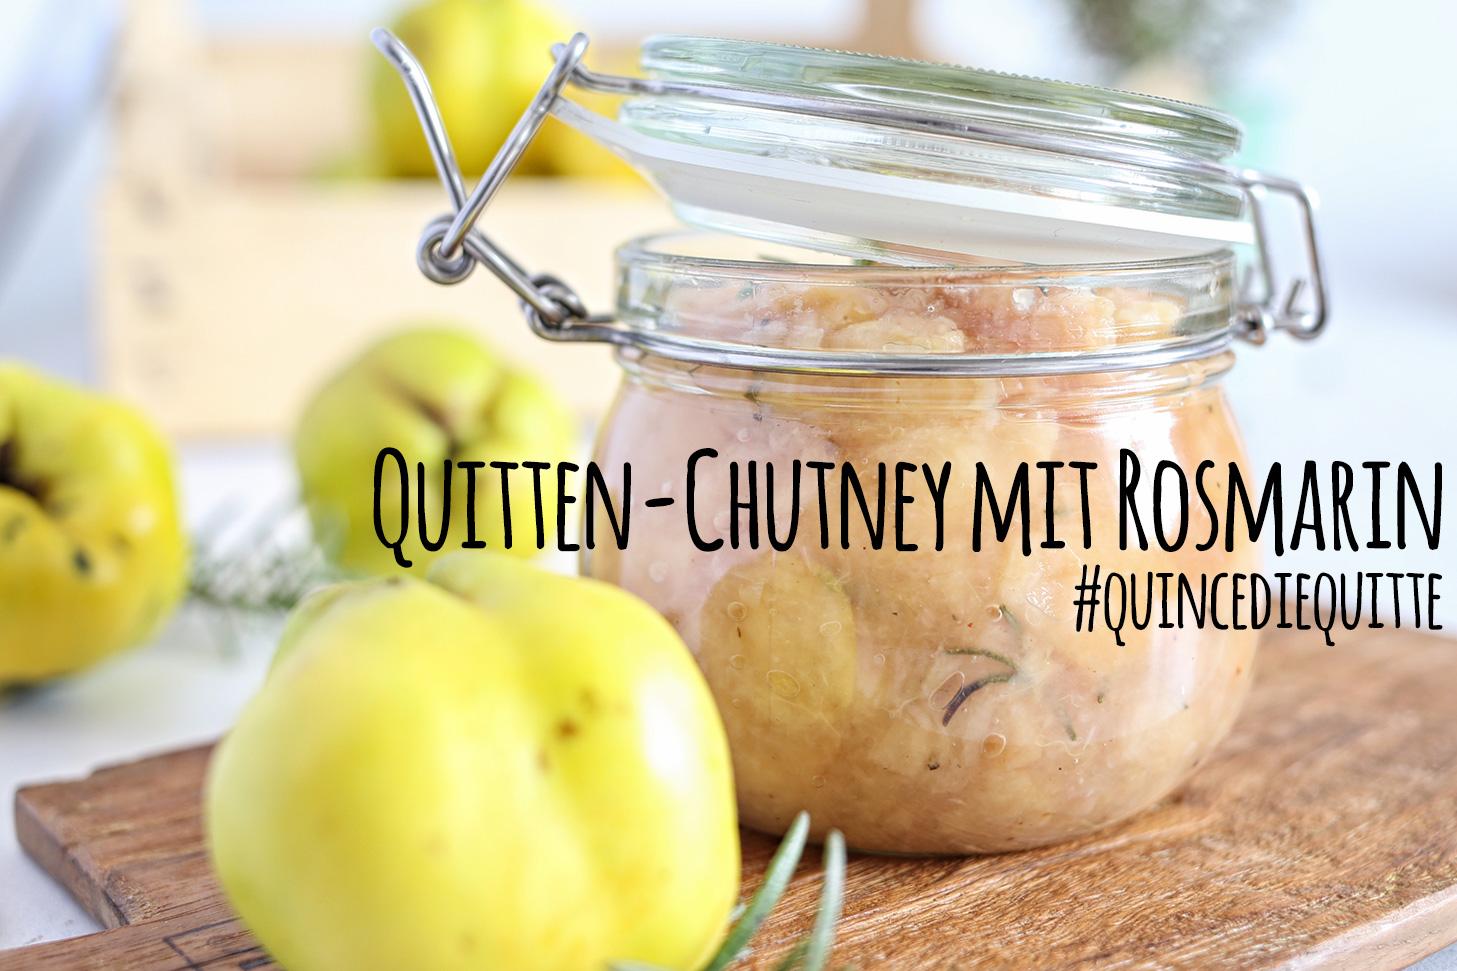 Quitten Chutney